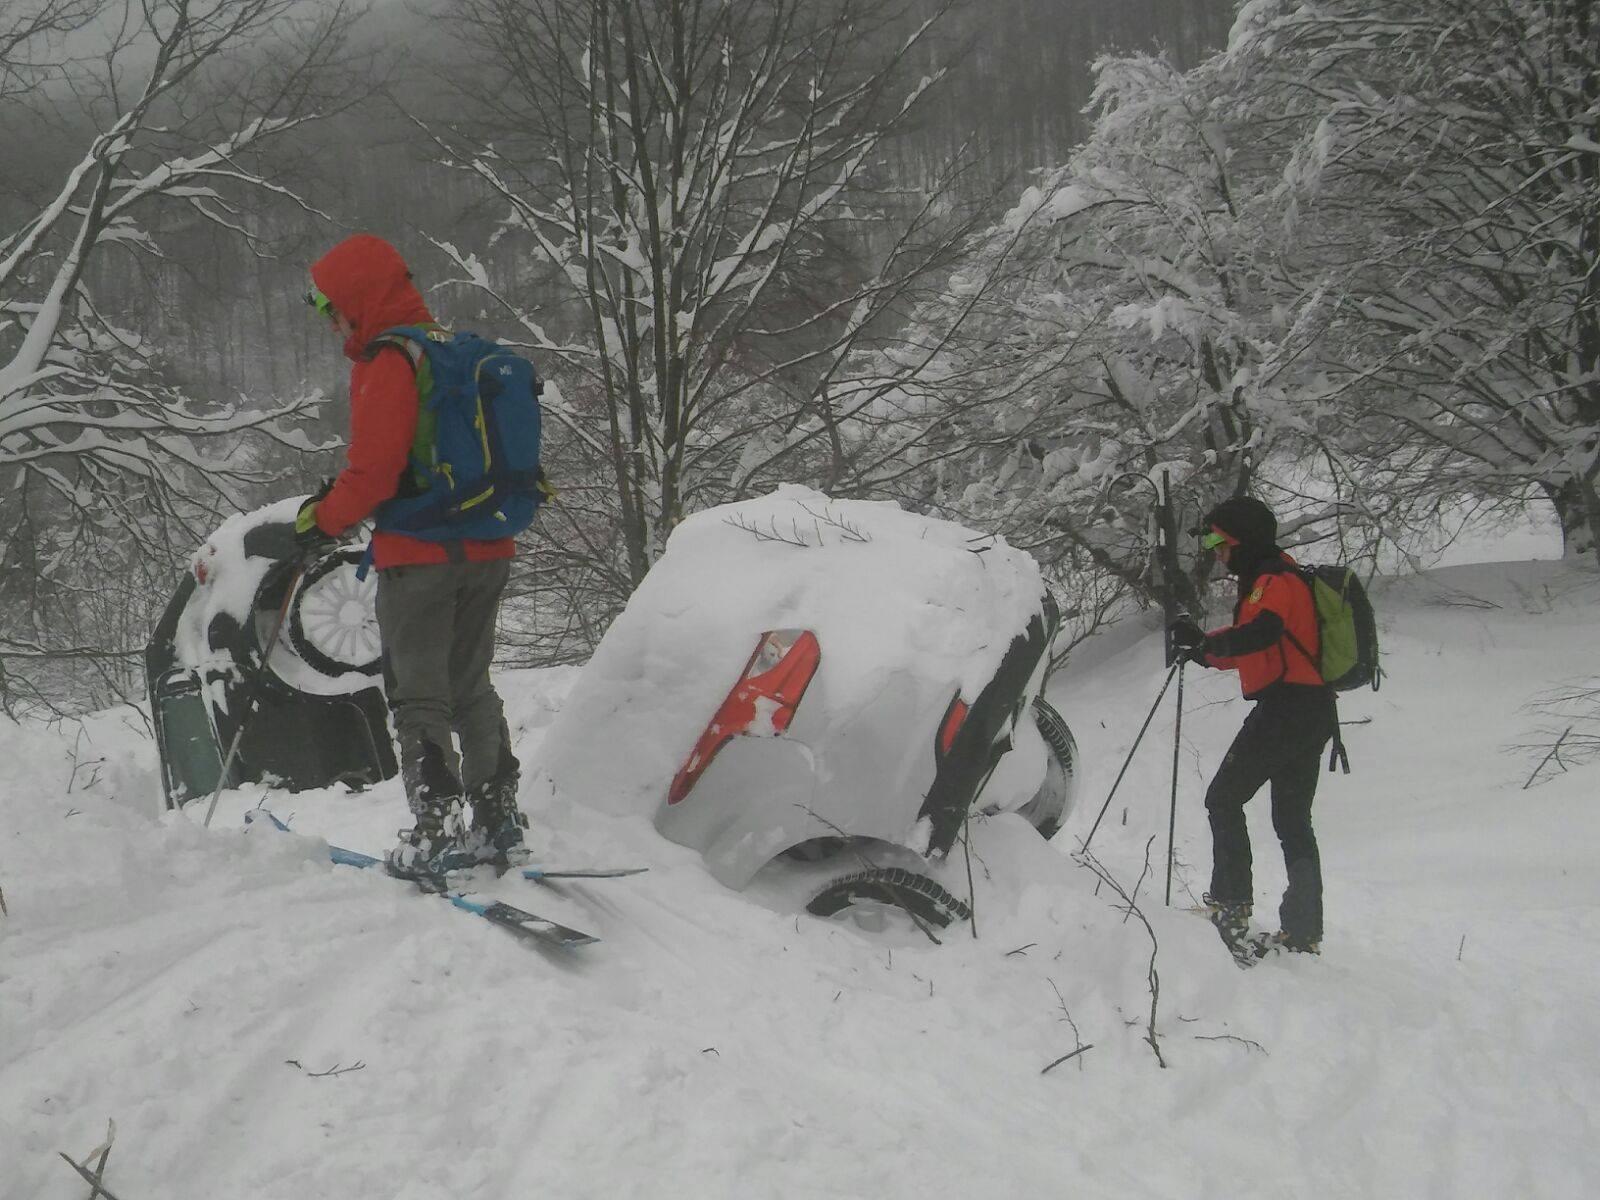 Emergenza Neve e Terremoto: 2 sopravvissuti, estratto il primo corpo | Emergency Live 9